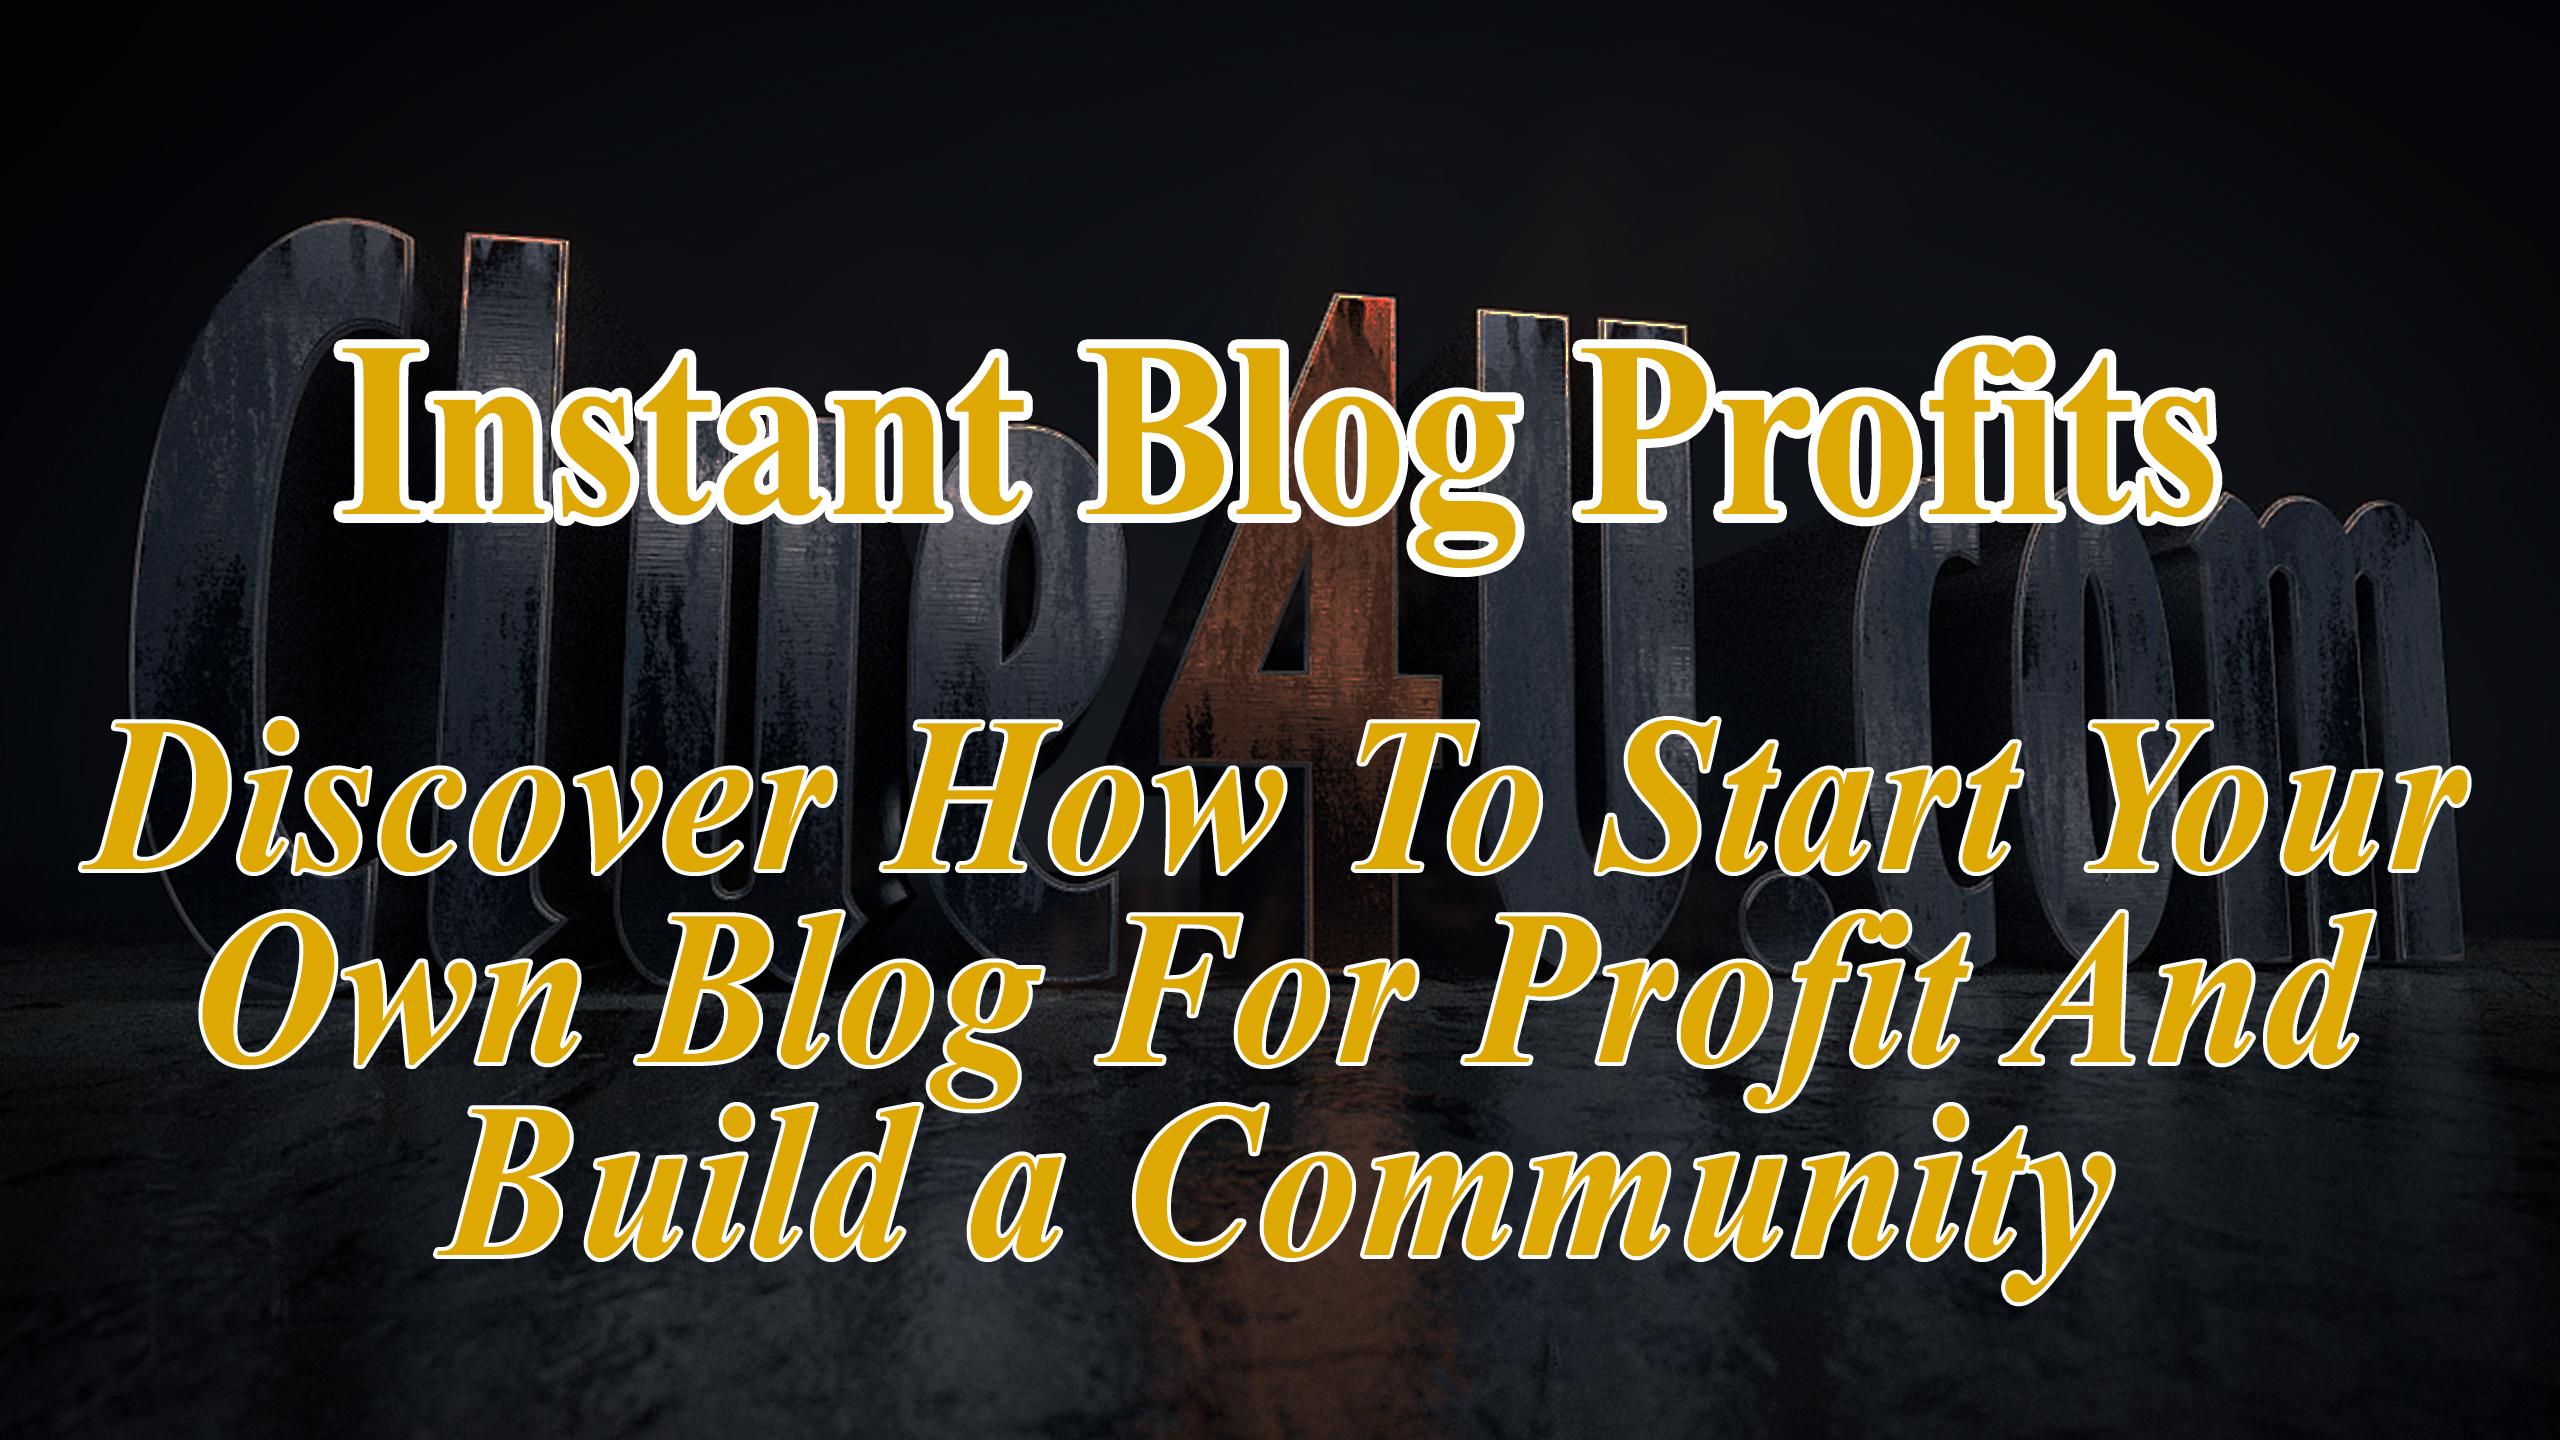 Instant Blog Profit